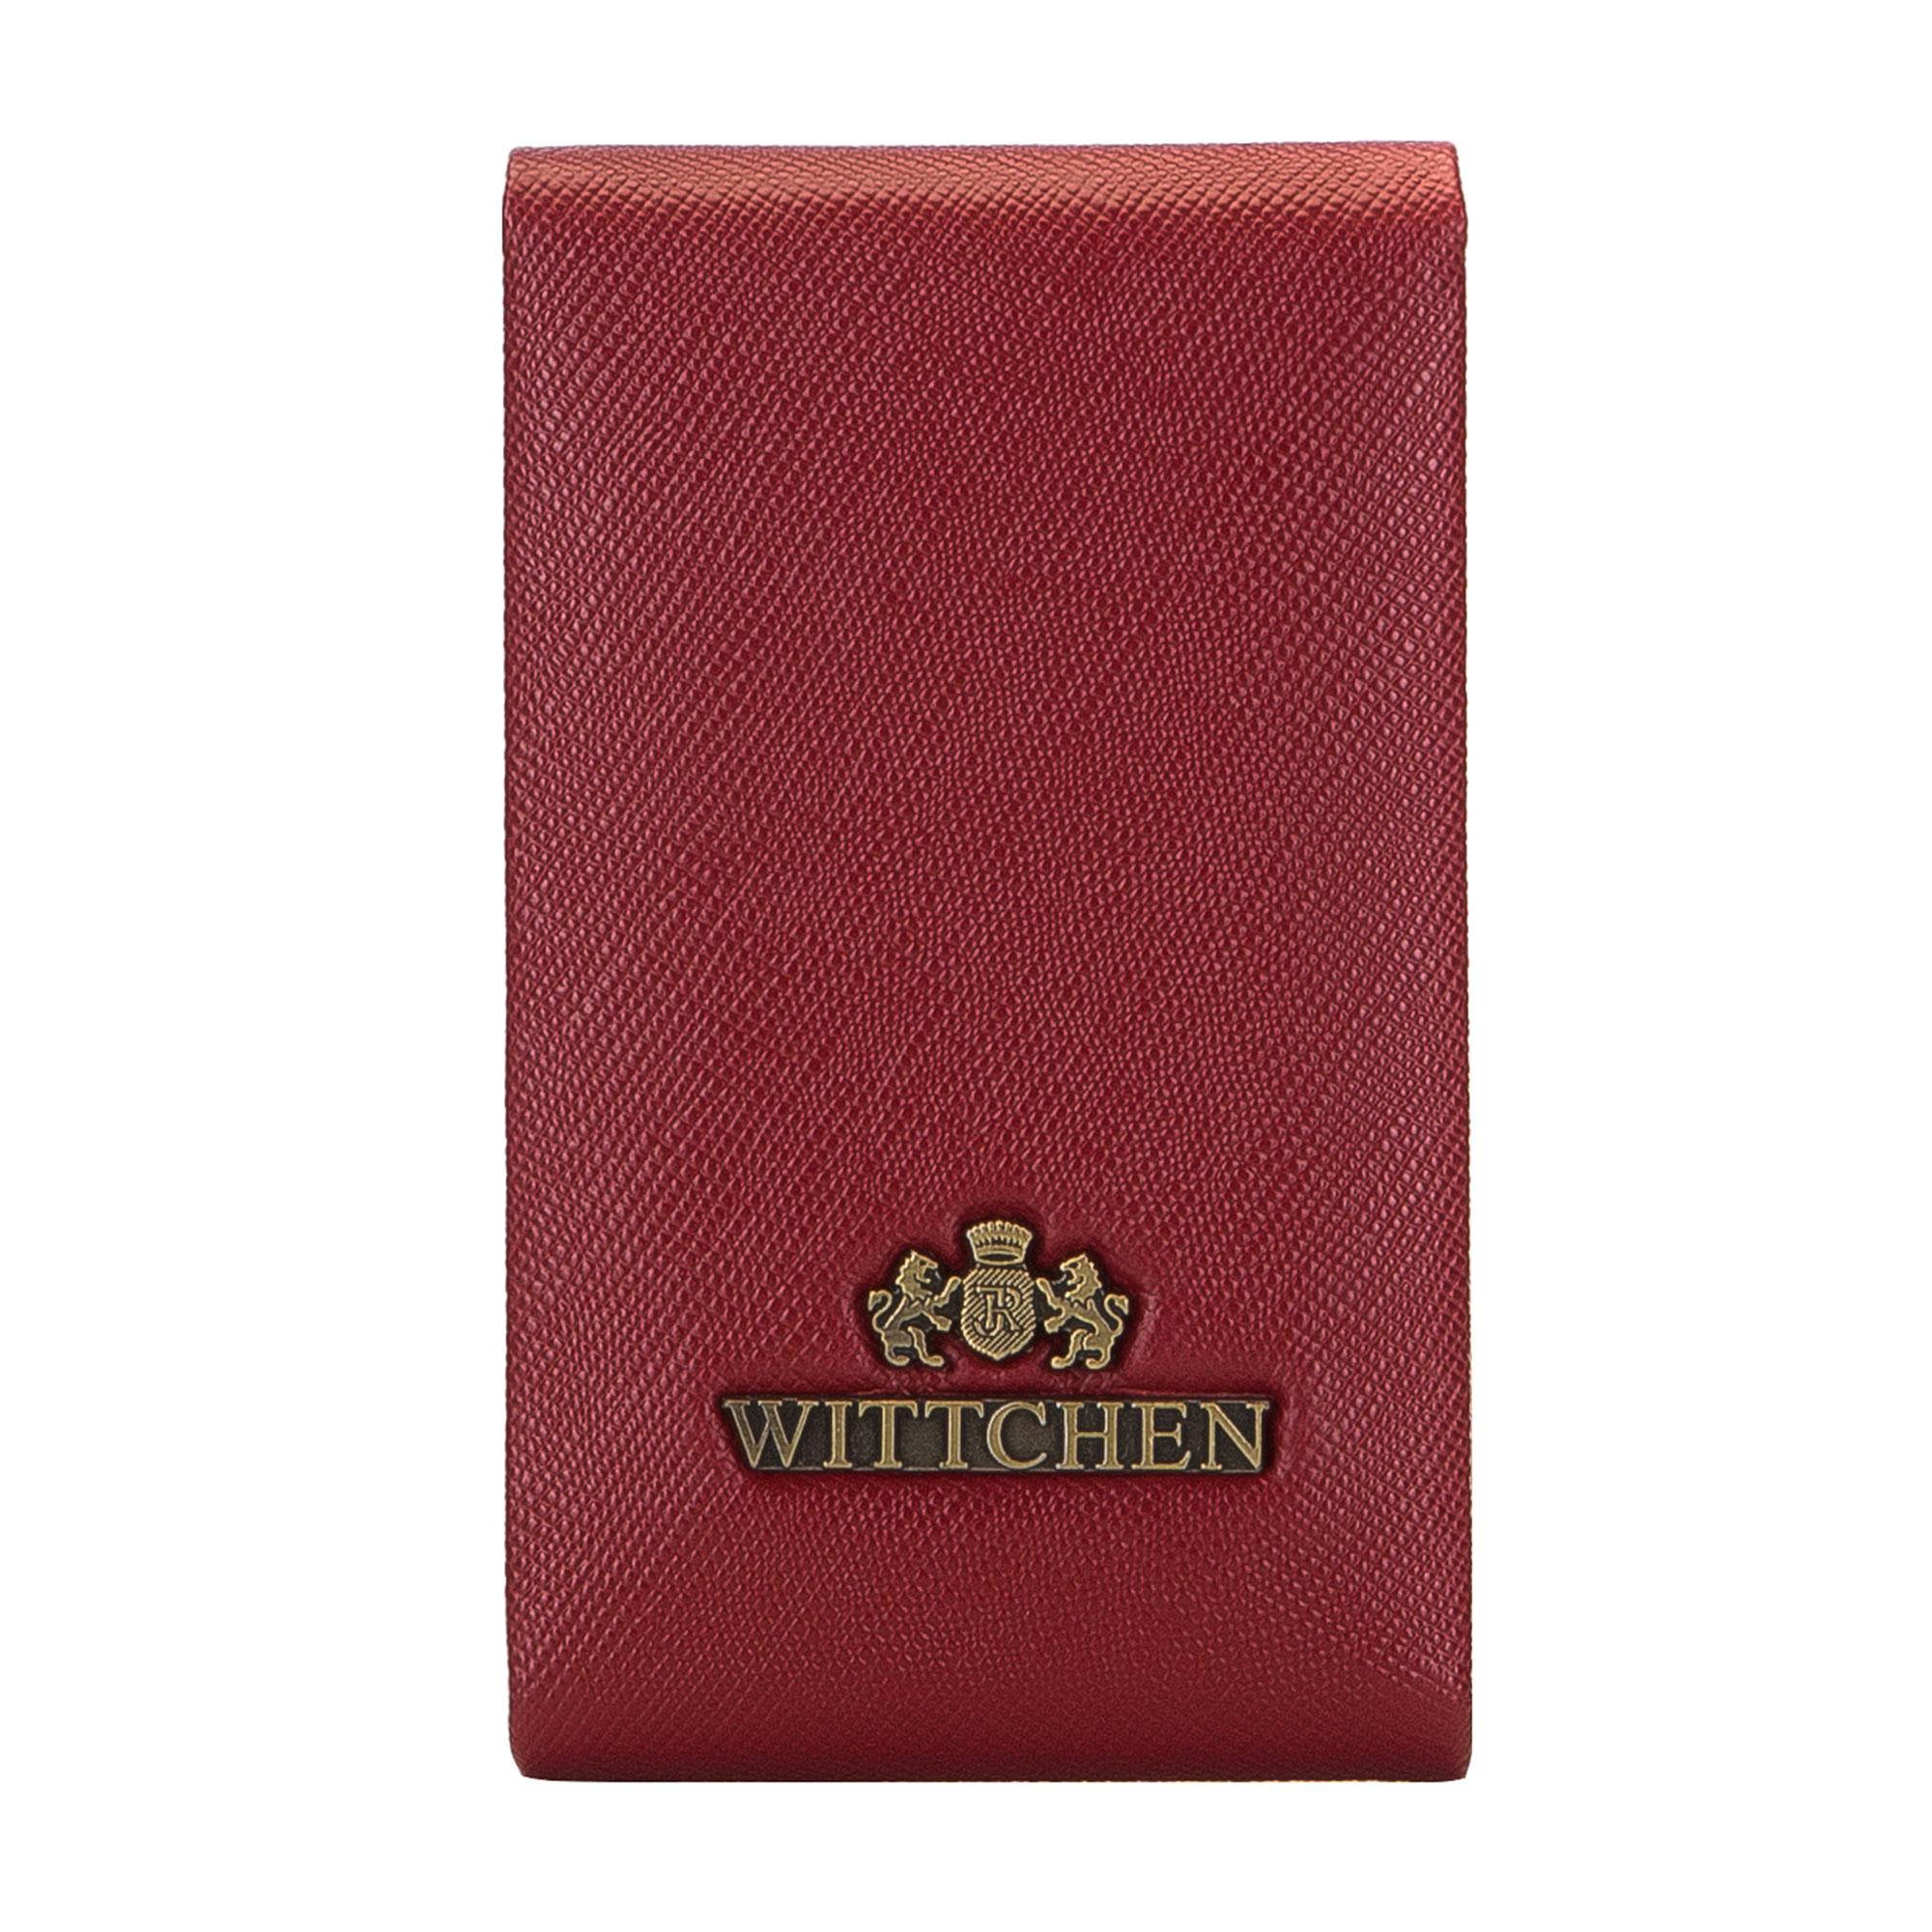 Футляр на визиткиФутляр для визиток, сделан из прочной, слегка глянцевой телячьей кожи. Логотип - металлический значок с гербом WITTCHEN цвета старого золота. Кошелек упакован в эксклюзивную упаковку - с лого комании WITTCHEN. Футляр имеет: место для визитных карточек с механизмом из металла,  закрывается на магнит.<br><br>секс: женщина<br>высота (см):: 11<br>ширина (см):: 7